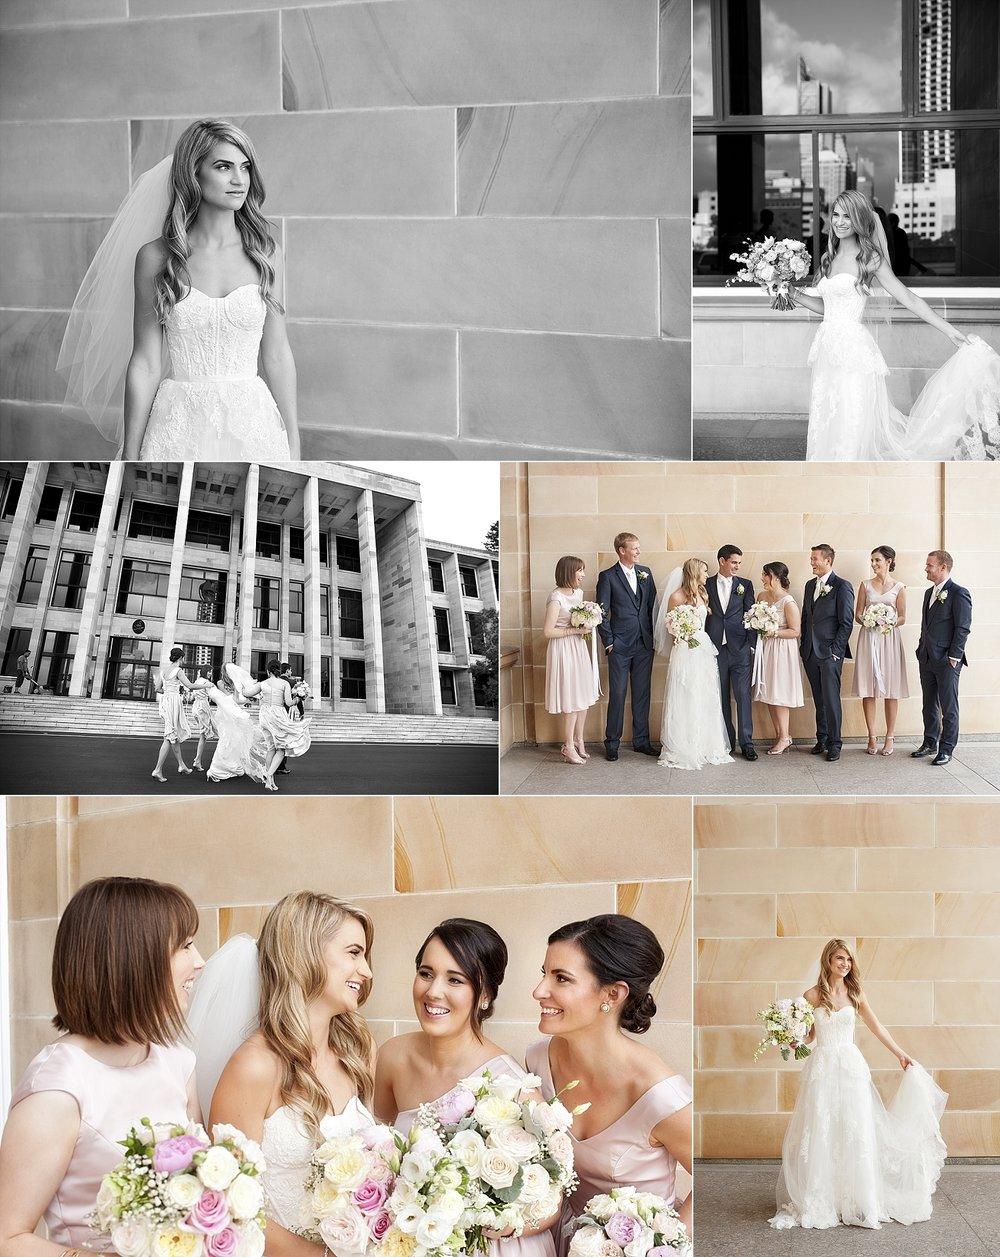 Parliament house wedding photos Perth.jpg